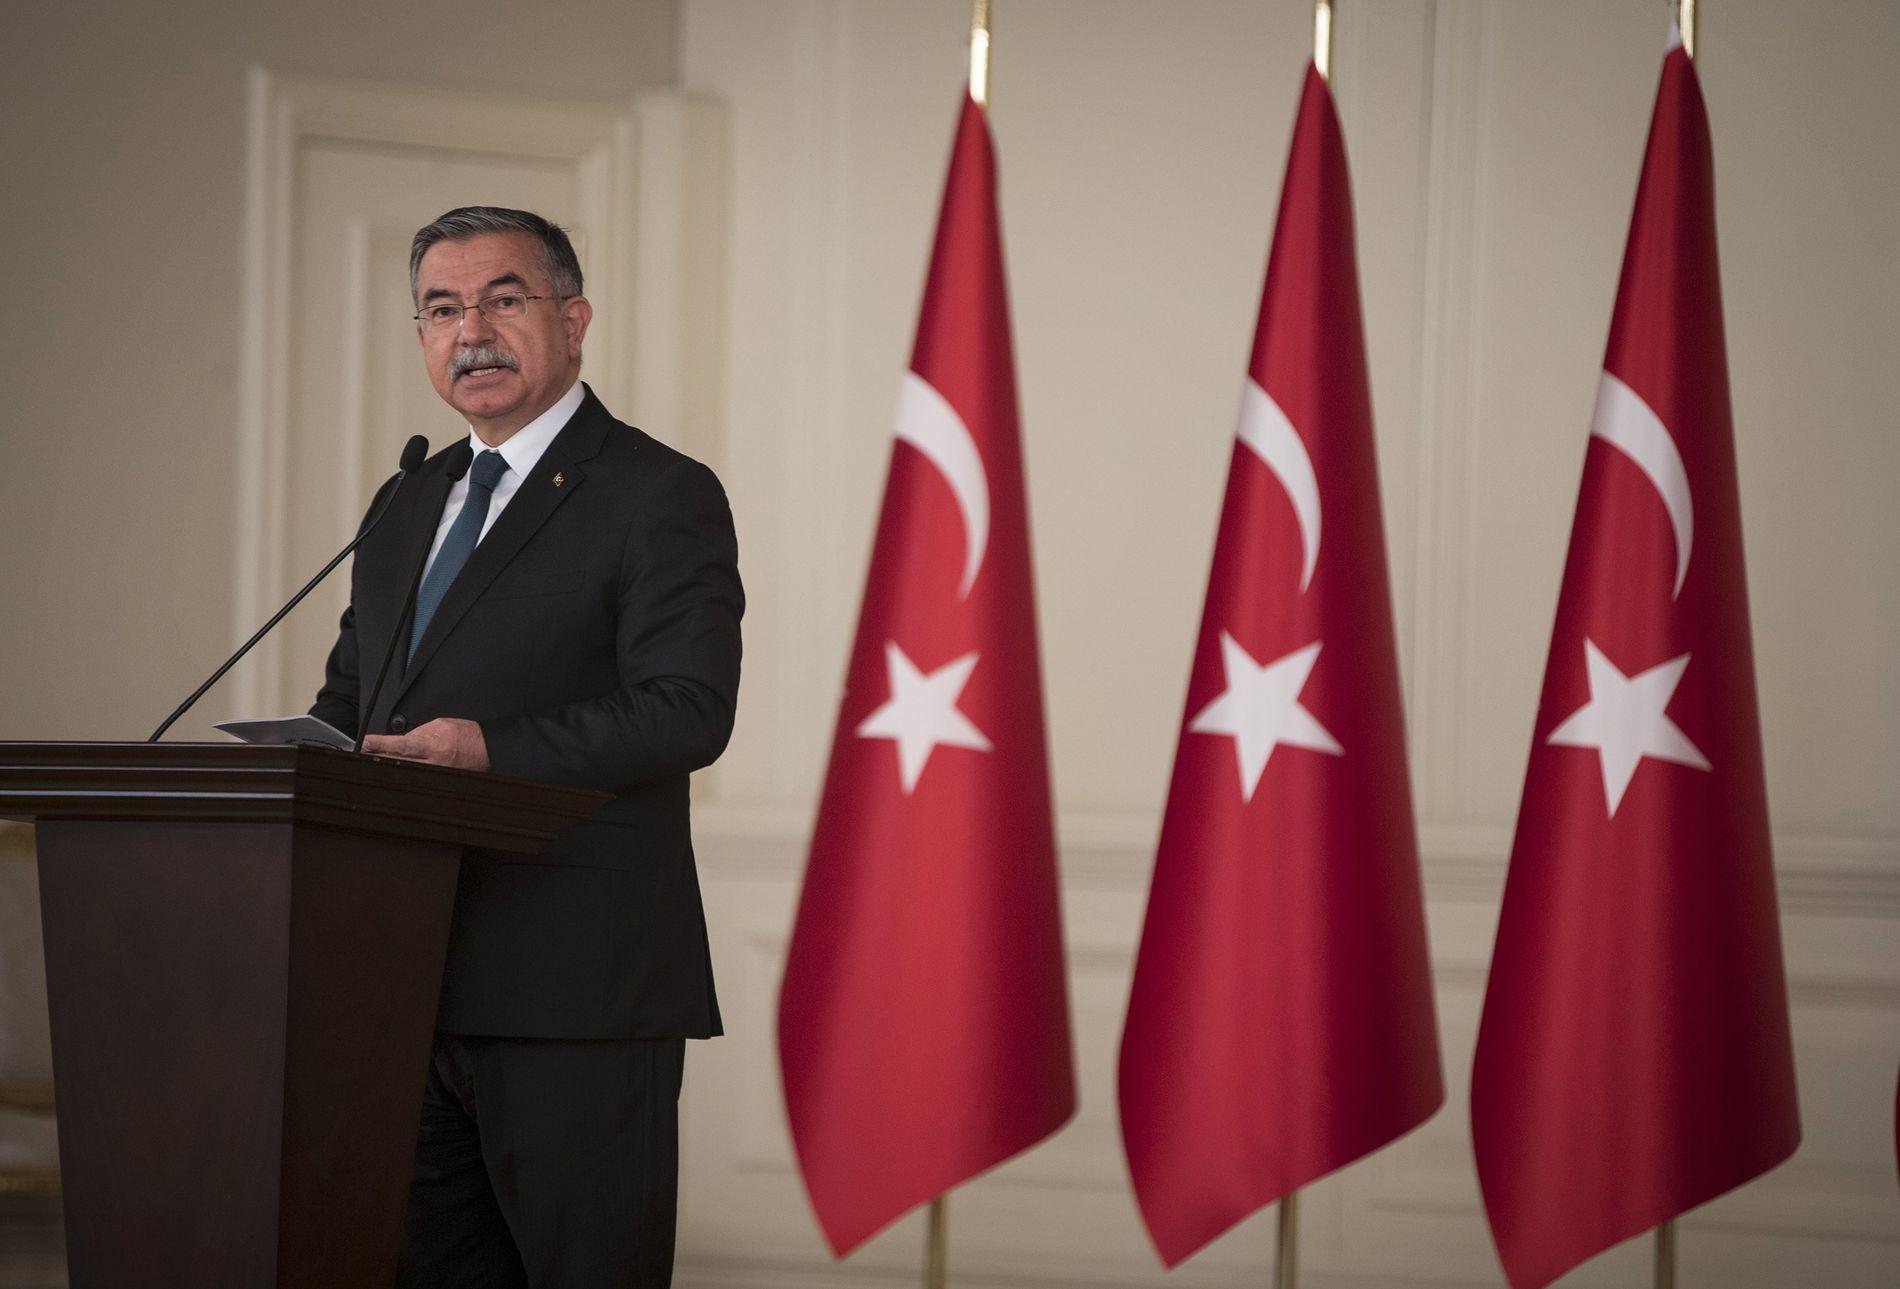 FORKLARER JIHAD: Undervisningsminister İsmet Yılmaz, som har en fortid som forsvarsminister, vil at tyrkiske skolebarn skal lære sannheten om «hellig krig».